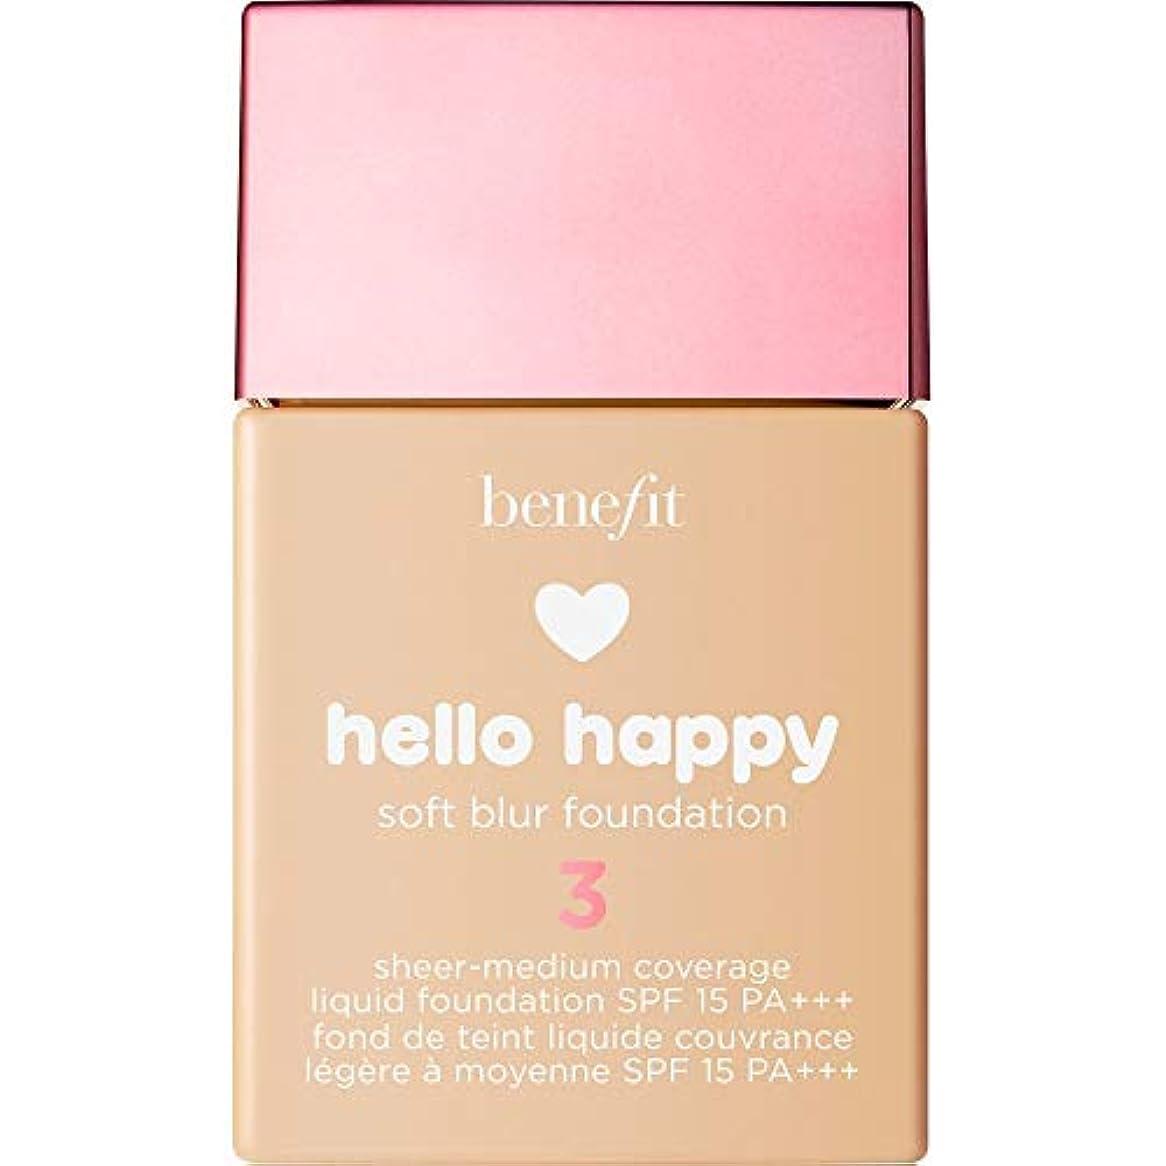 オフェンス策定する研究[Benefit ] 利益こんにちは幸せなソフトブラー基礎Spf15 30ミリリットル3 - ニュートラルライト - Benefit Hello Happy Soft Blur Foundation SPF15 30ml...